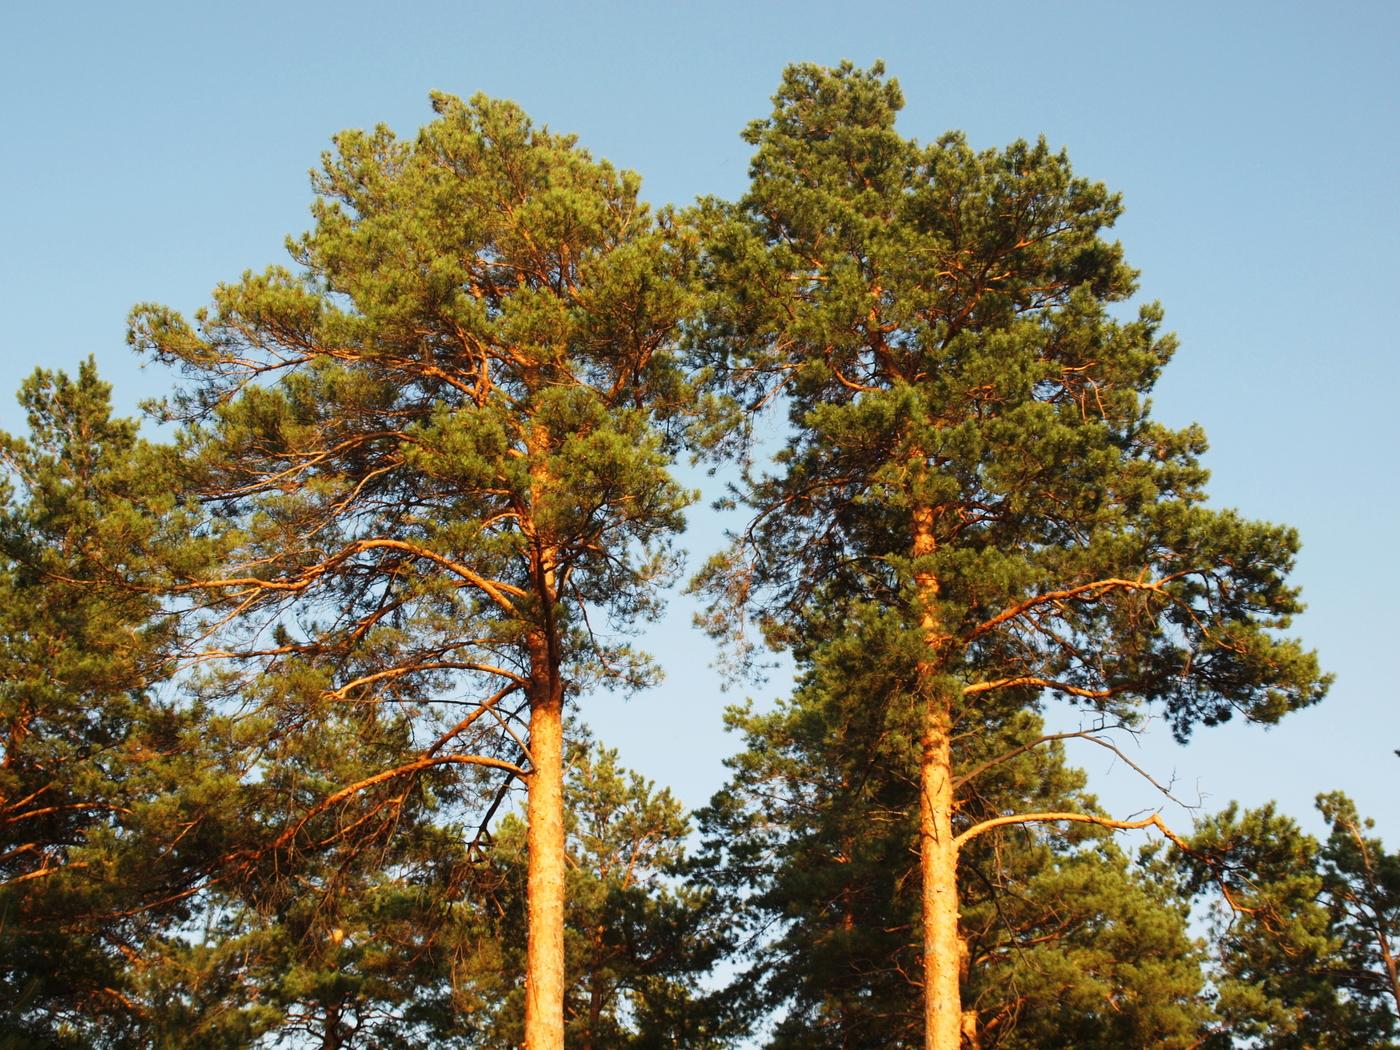 Фотография соснового дерева уже